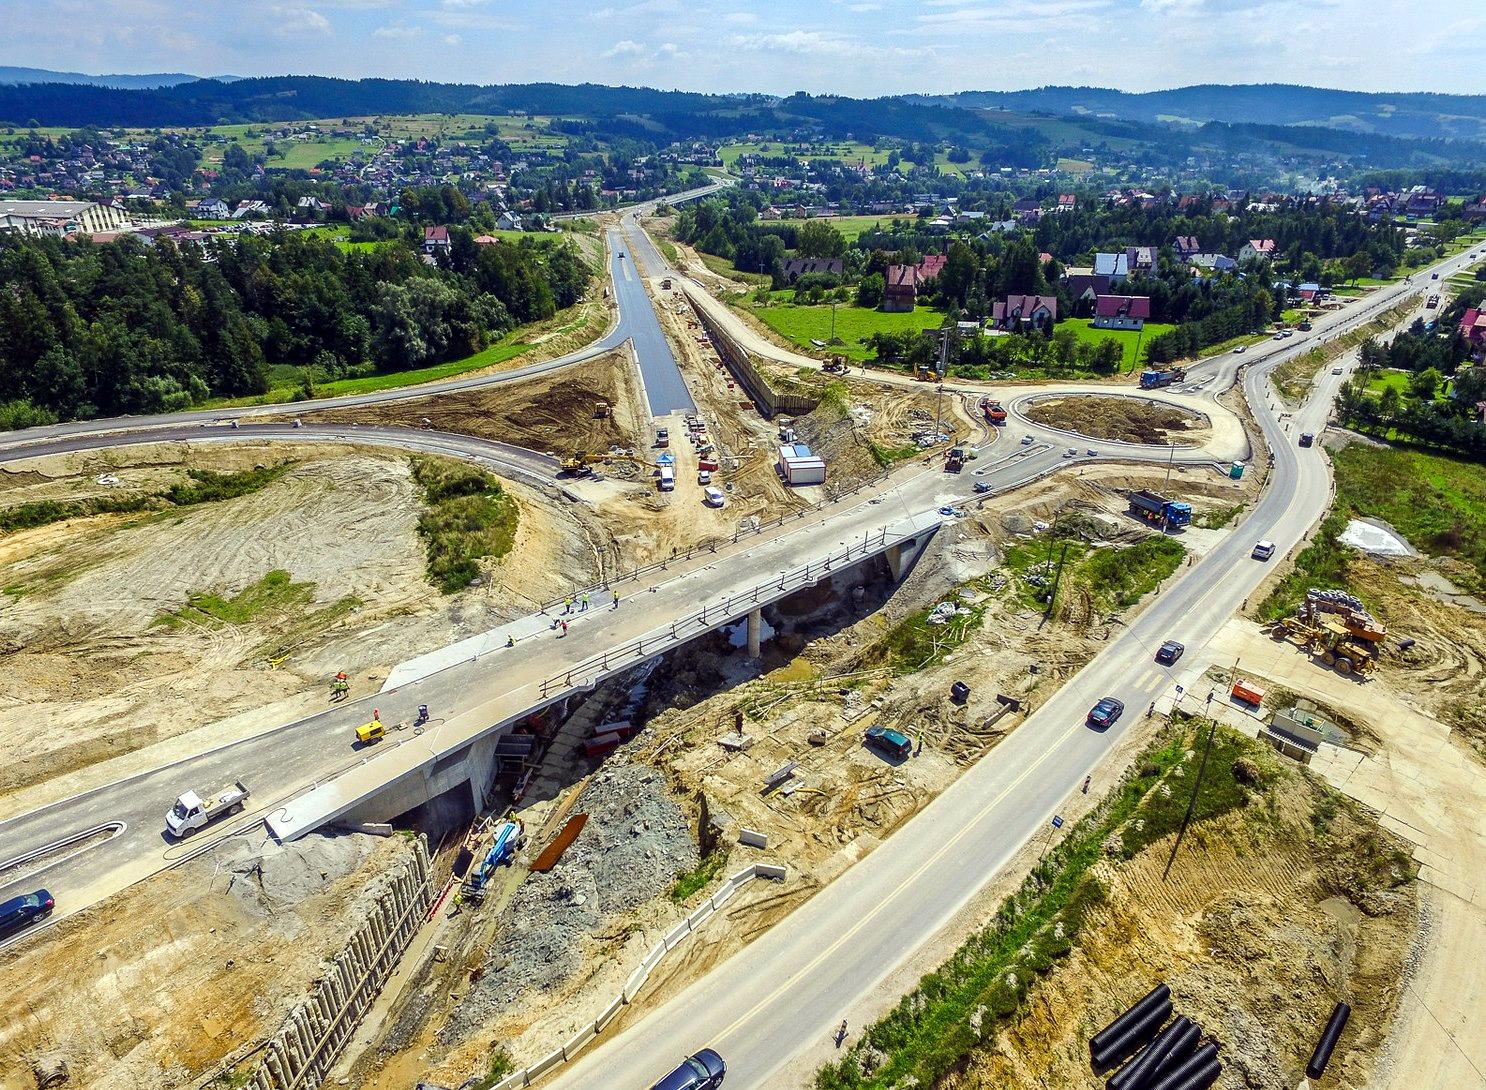 Pierwszy wiadukt na budowanym odcinku drogi S7, czyli zakopianki, między Lubieniem a Rabką Zdrój, został oddany do użytku kilka dni temu. Kierowcy mogą nim jechać do granicy, w kierunku na Chyżne.